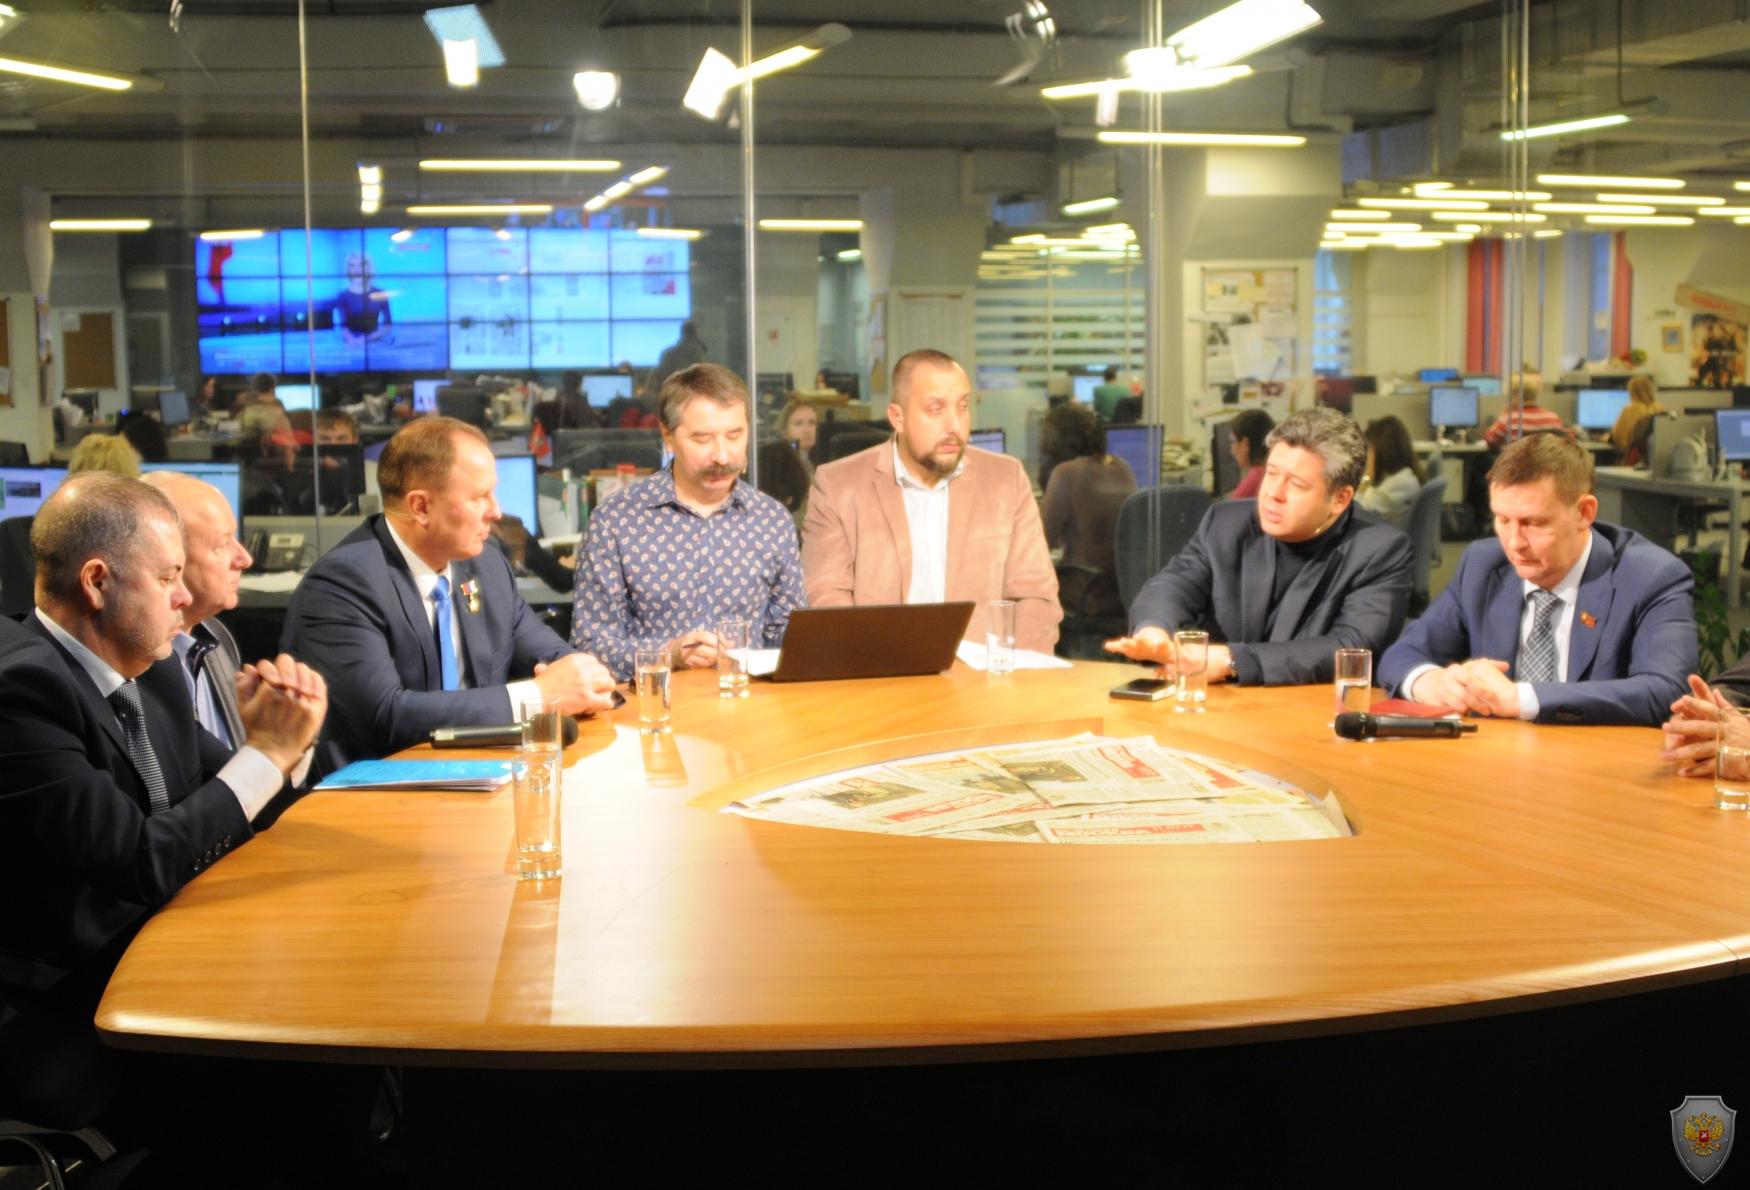 В студии интернет-вещания газеты «Вечерняя Москва» состоялся круглый стол